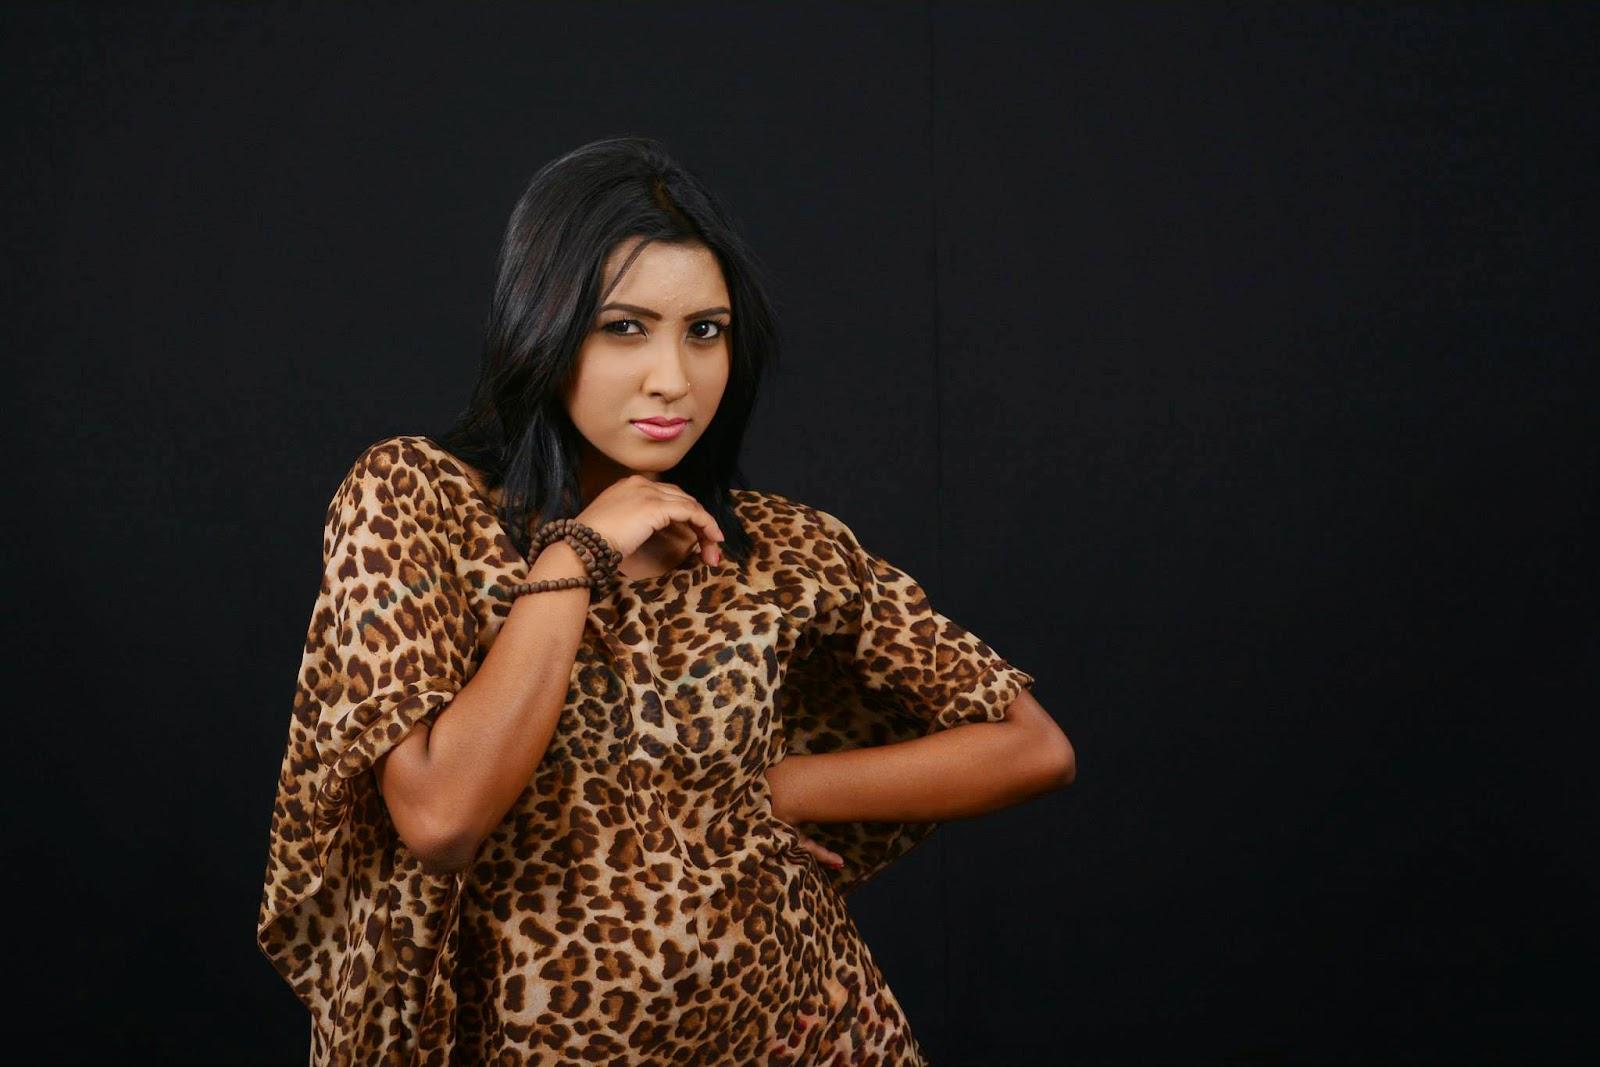 Sri Lankan model Sachi Wickramasinghe